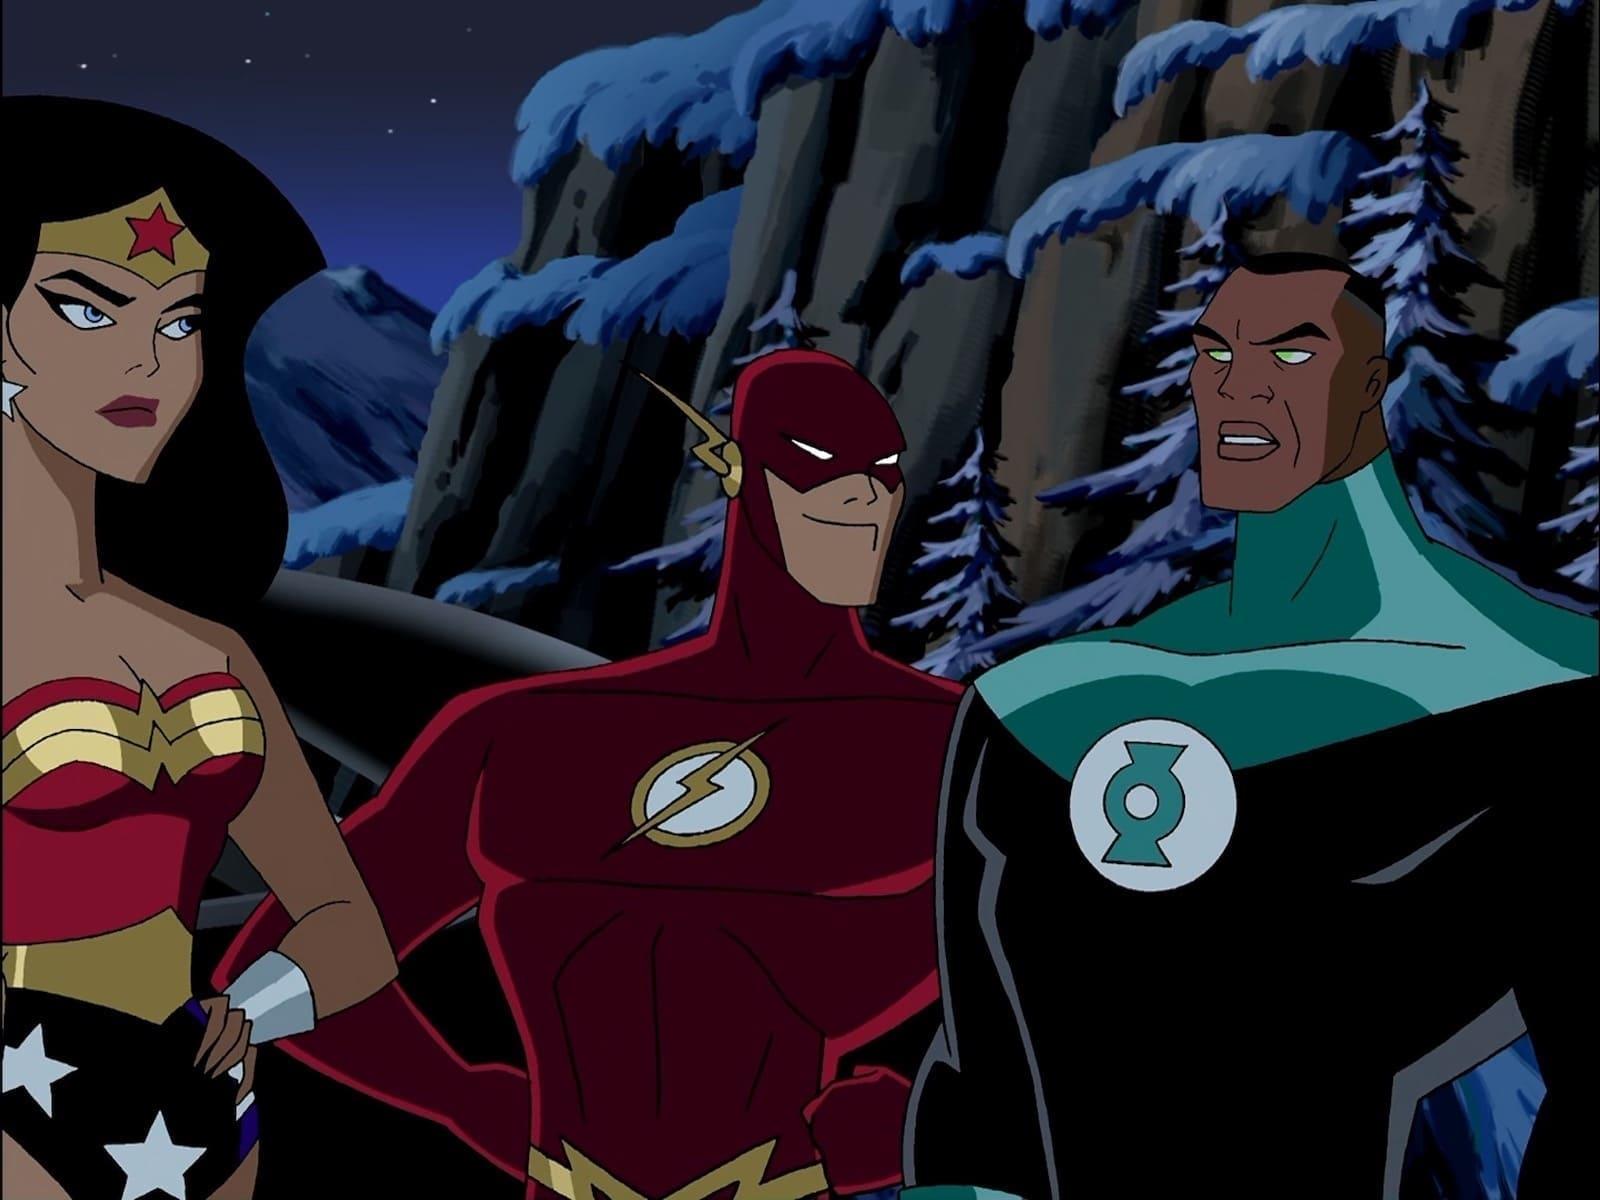 justice league cartoon - HD1600×1200